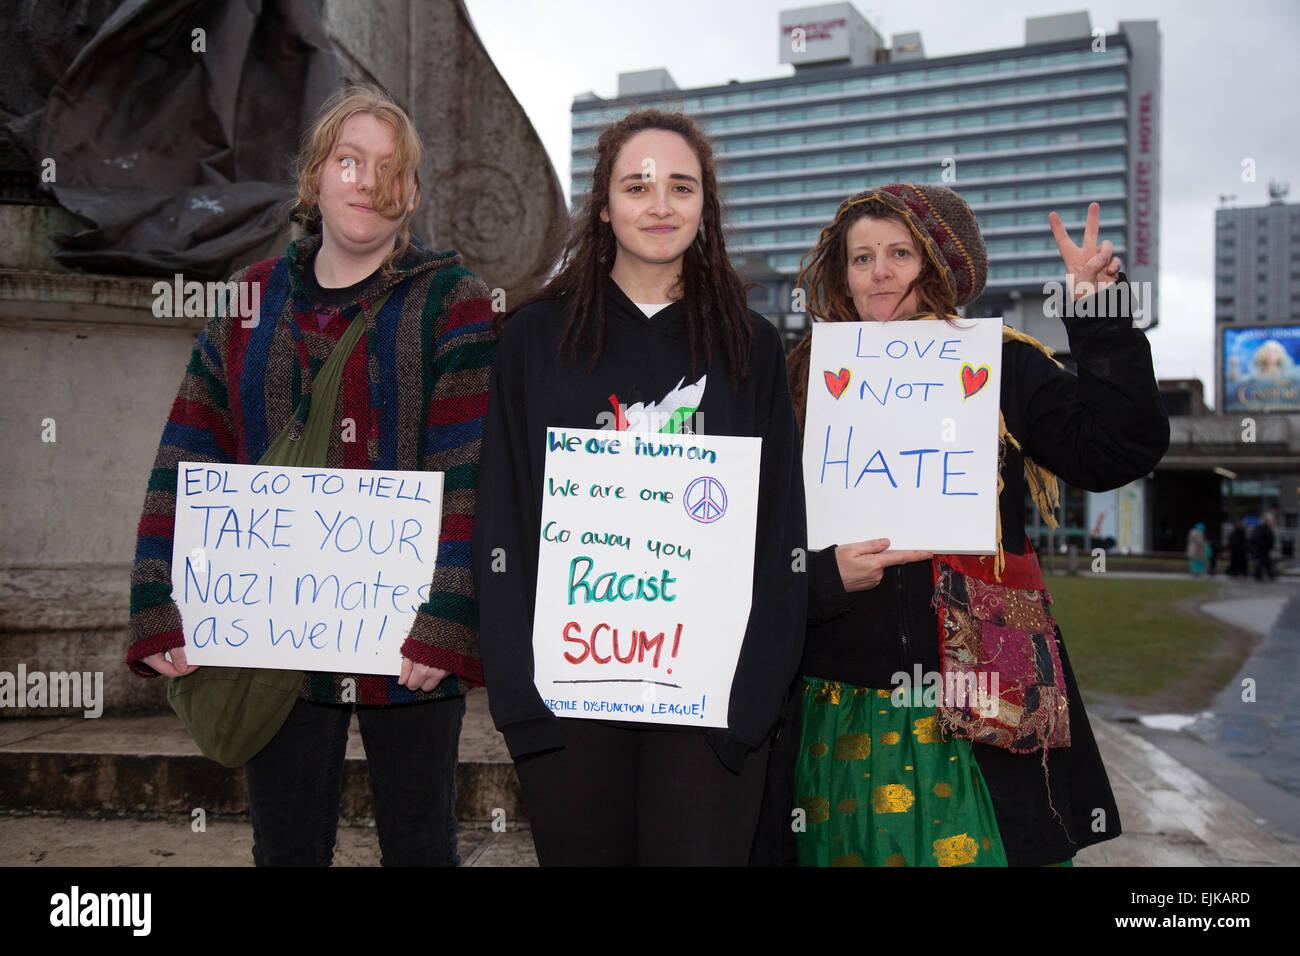 """Manchester, Regno Unito 28 marzo, 2015. """"L'amore non odio' """"razzista Scum' le carte detenute Immagini Stock"""